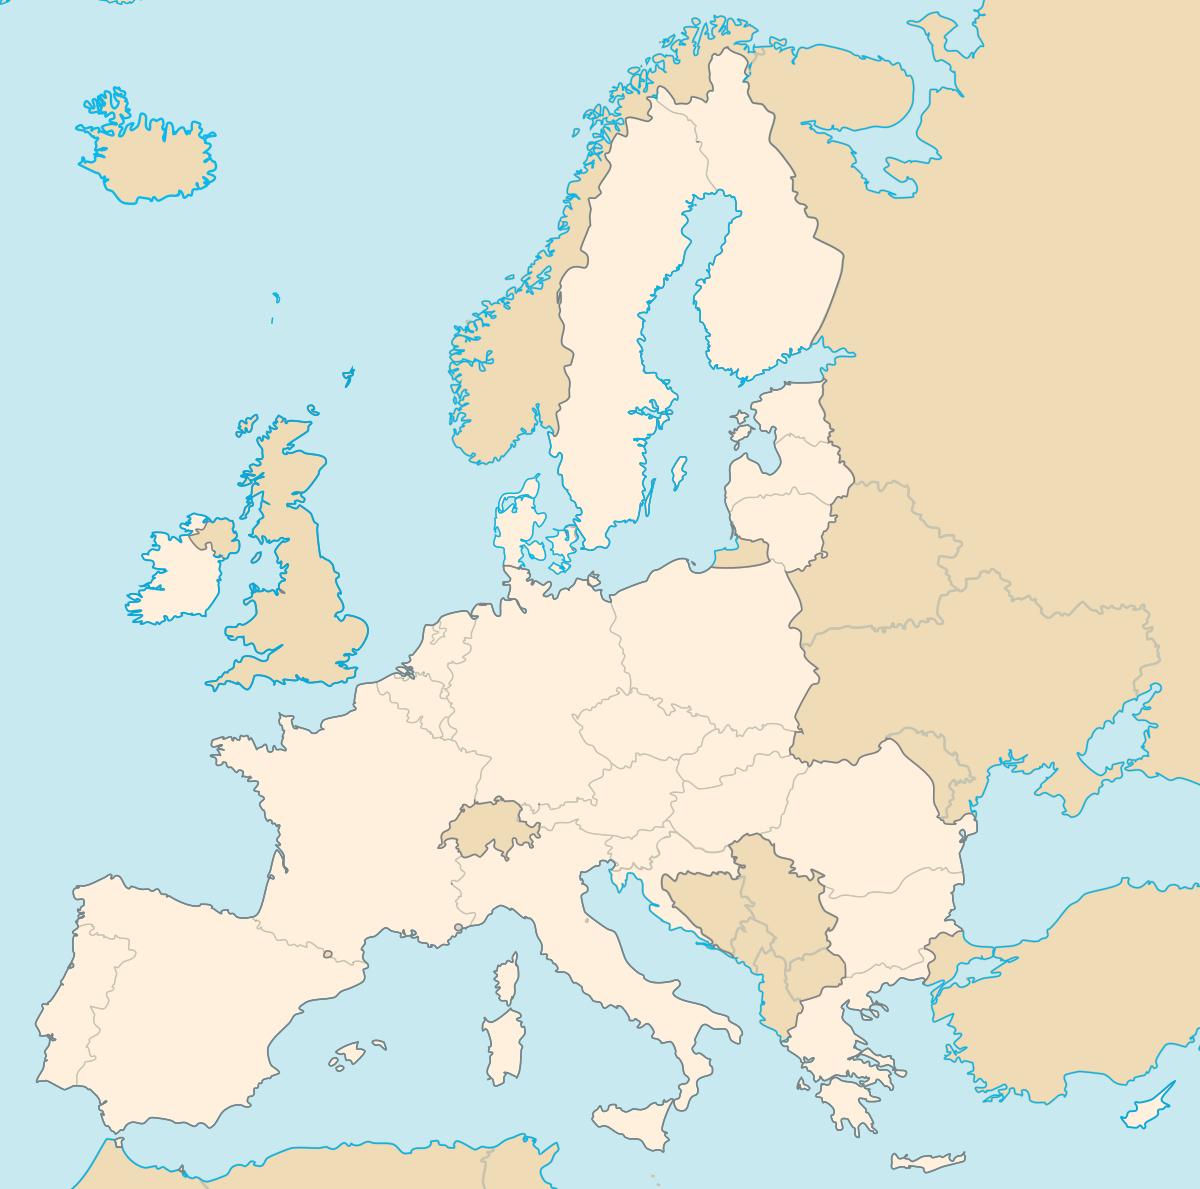 États Membres De L'union Européenne — Wikipédia destiné Liste Des Pays De L Union Européenne Et Leurs Capitales